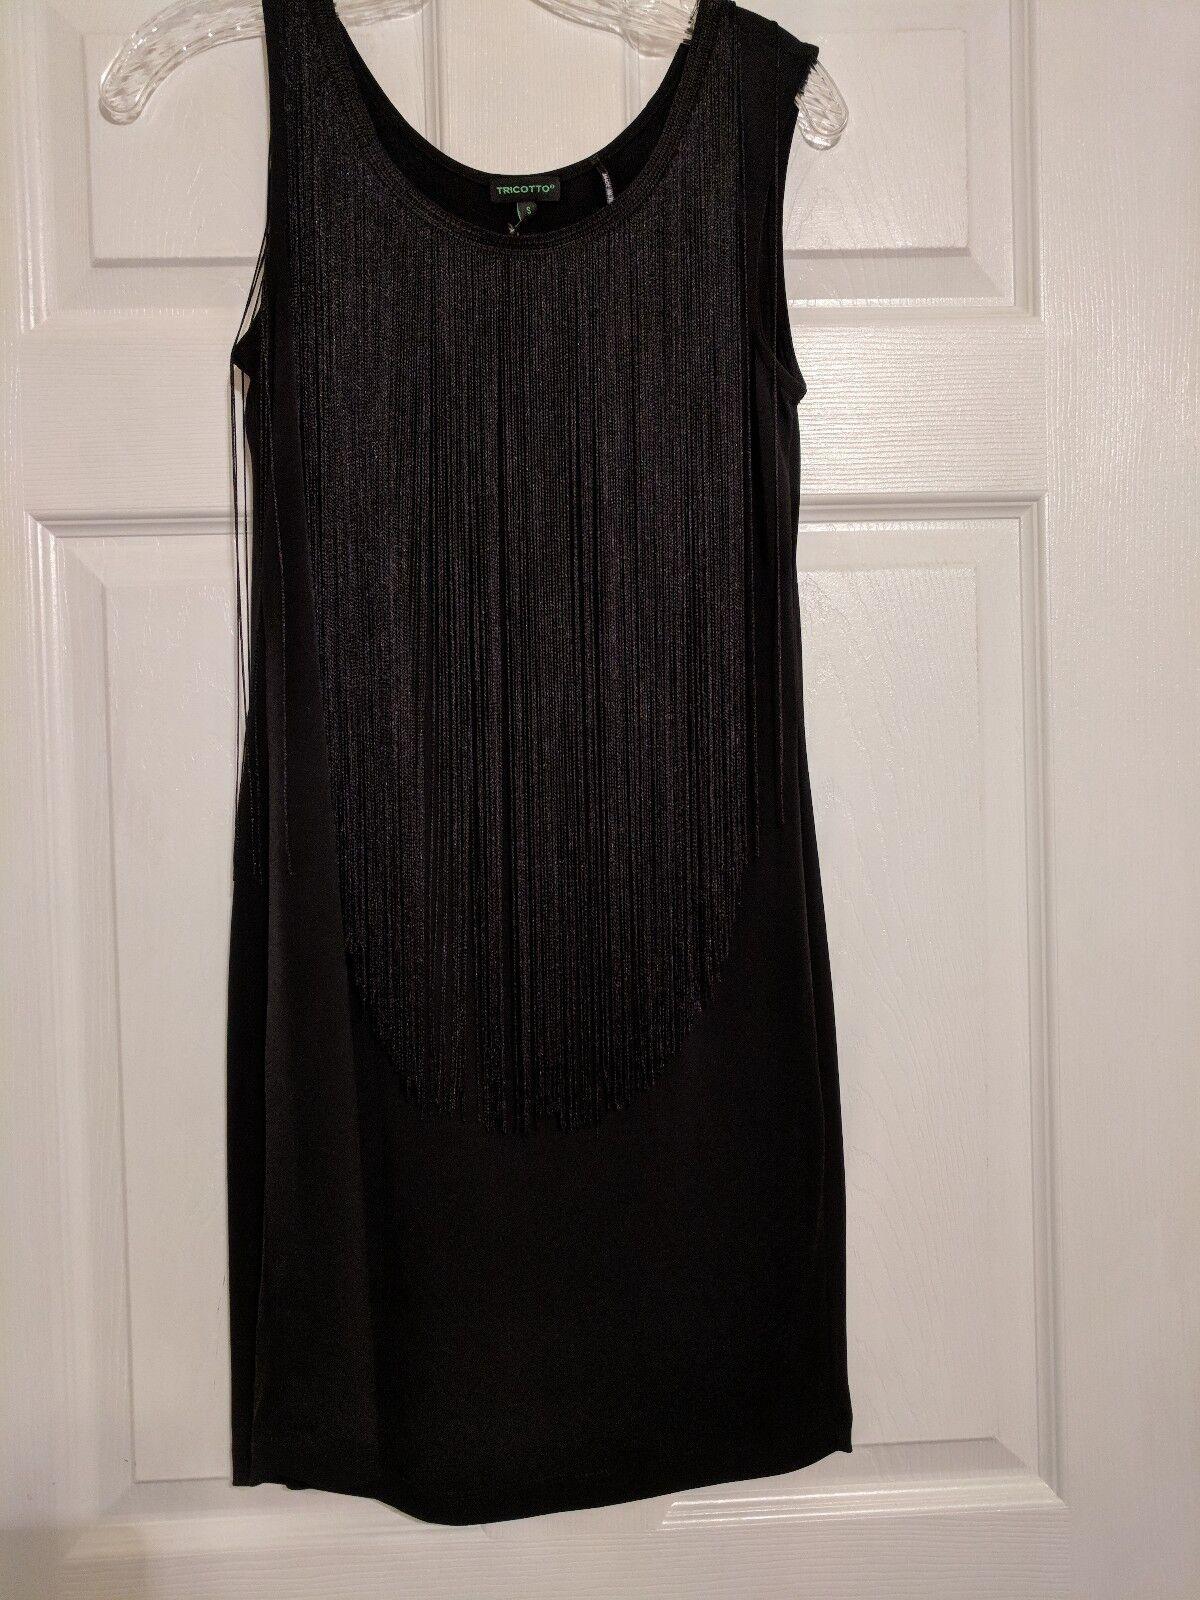 Tricotto Woherren Fringe Trimmed schwarz Dress Größe S Small